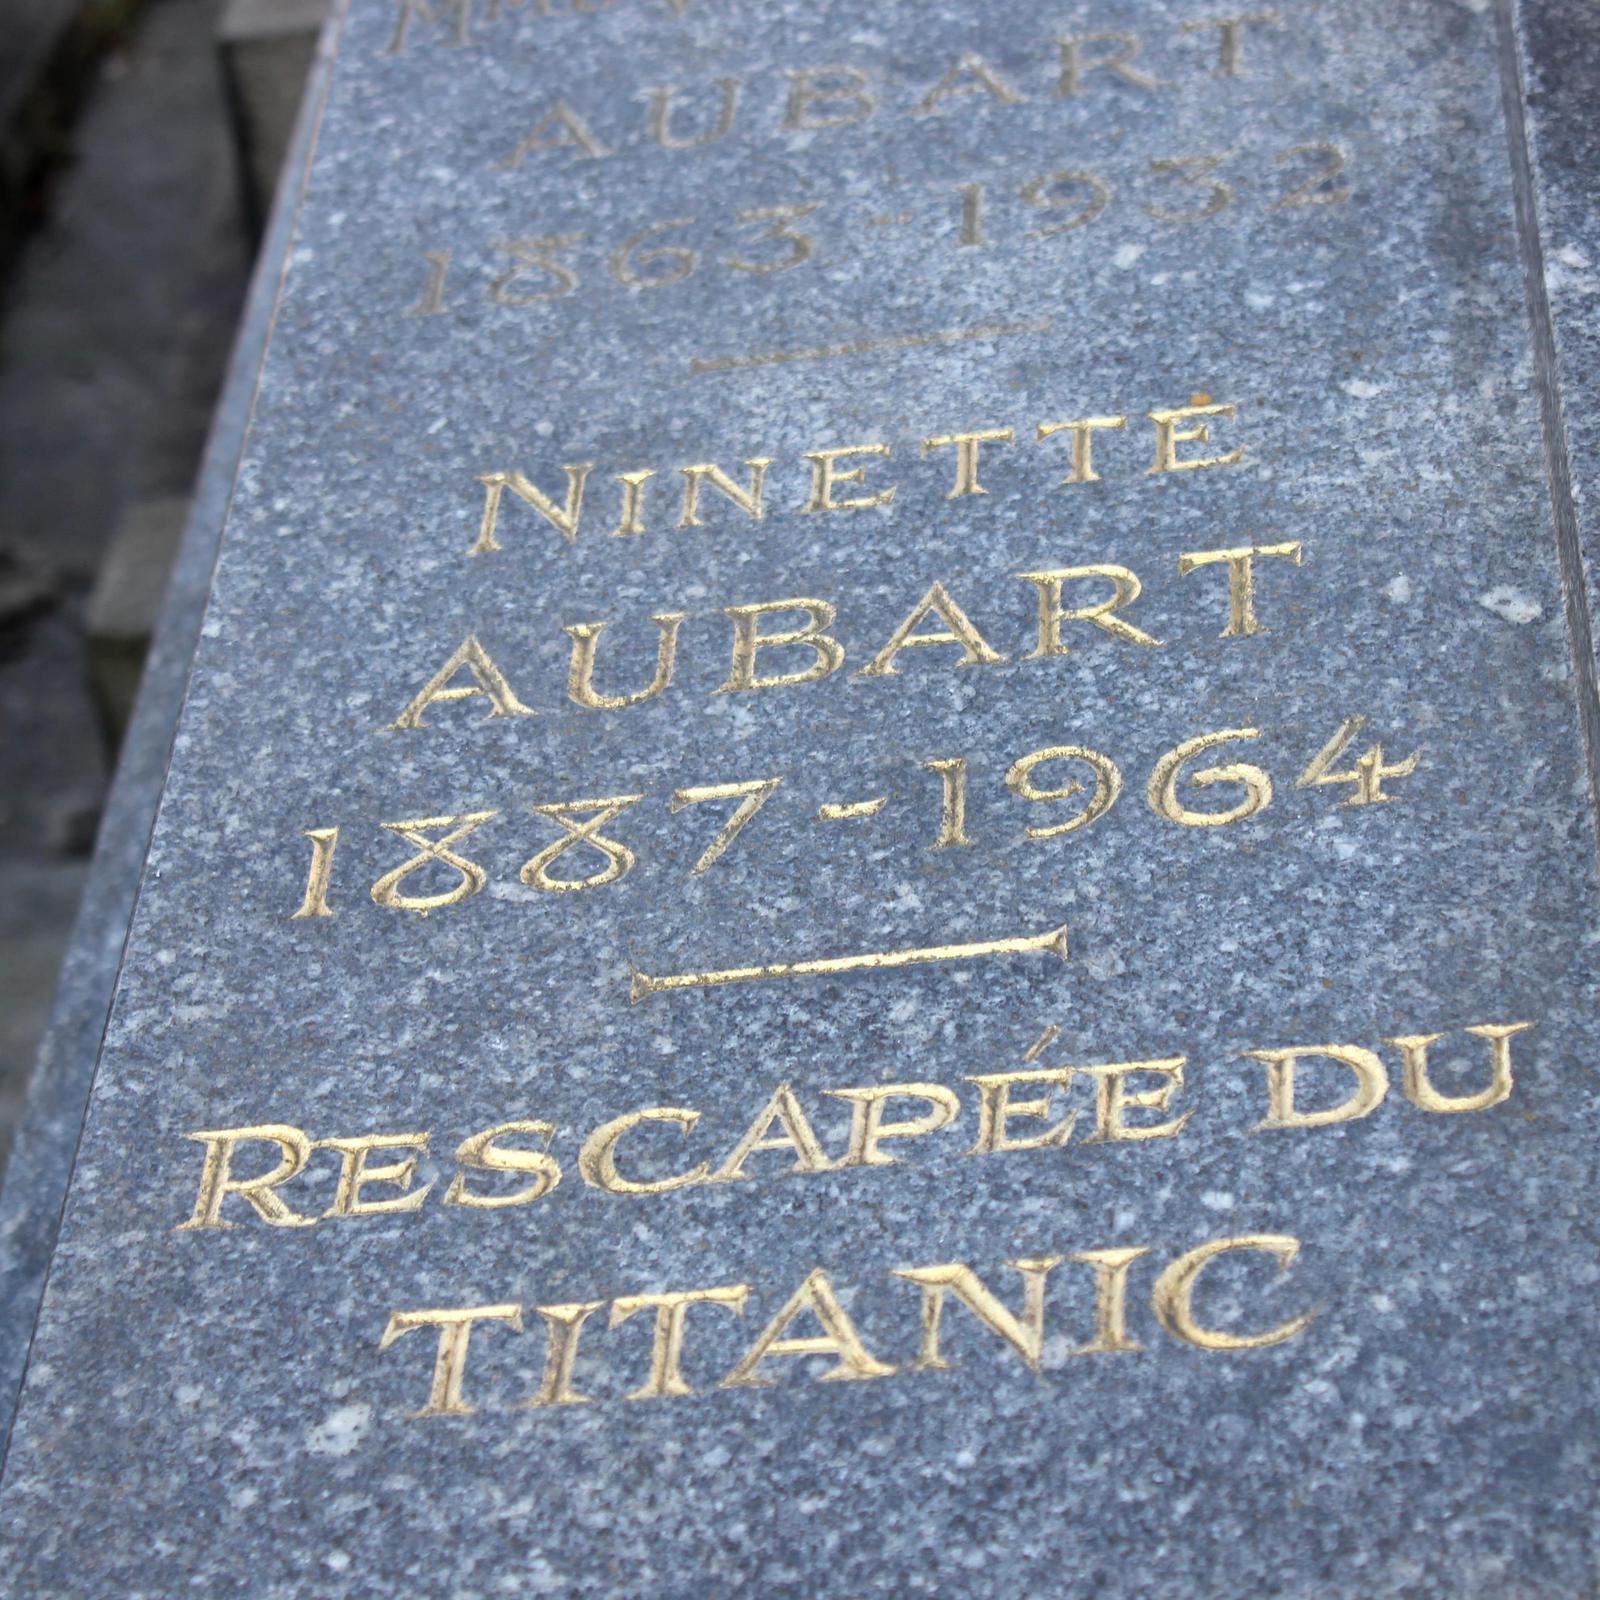 Ninette Aubart 1887-1964 - Rescapée du TITANIC